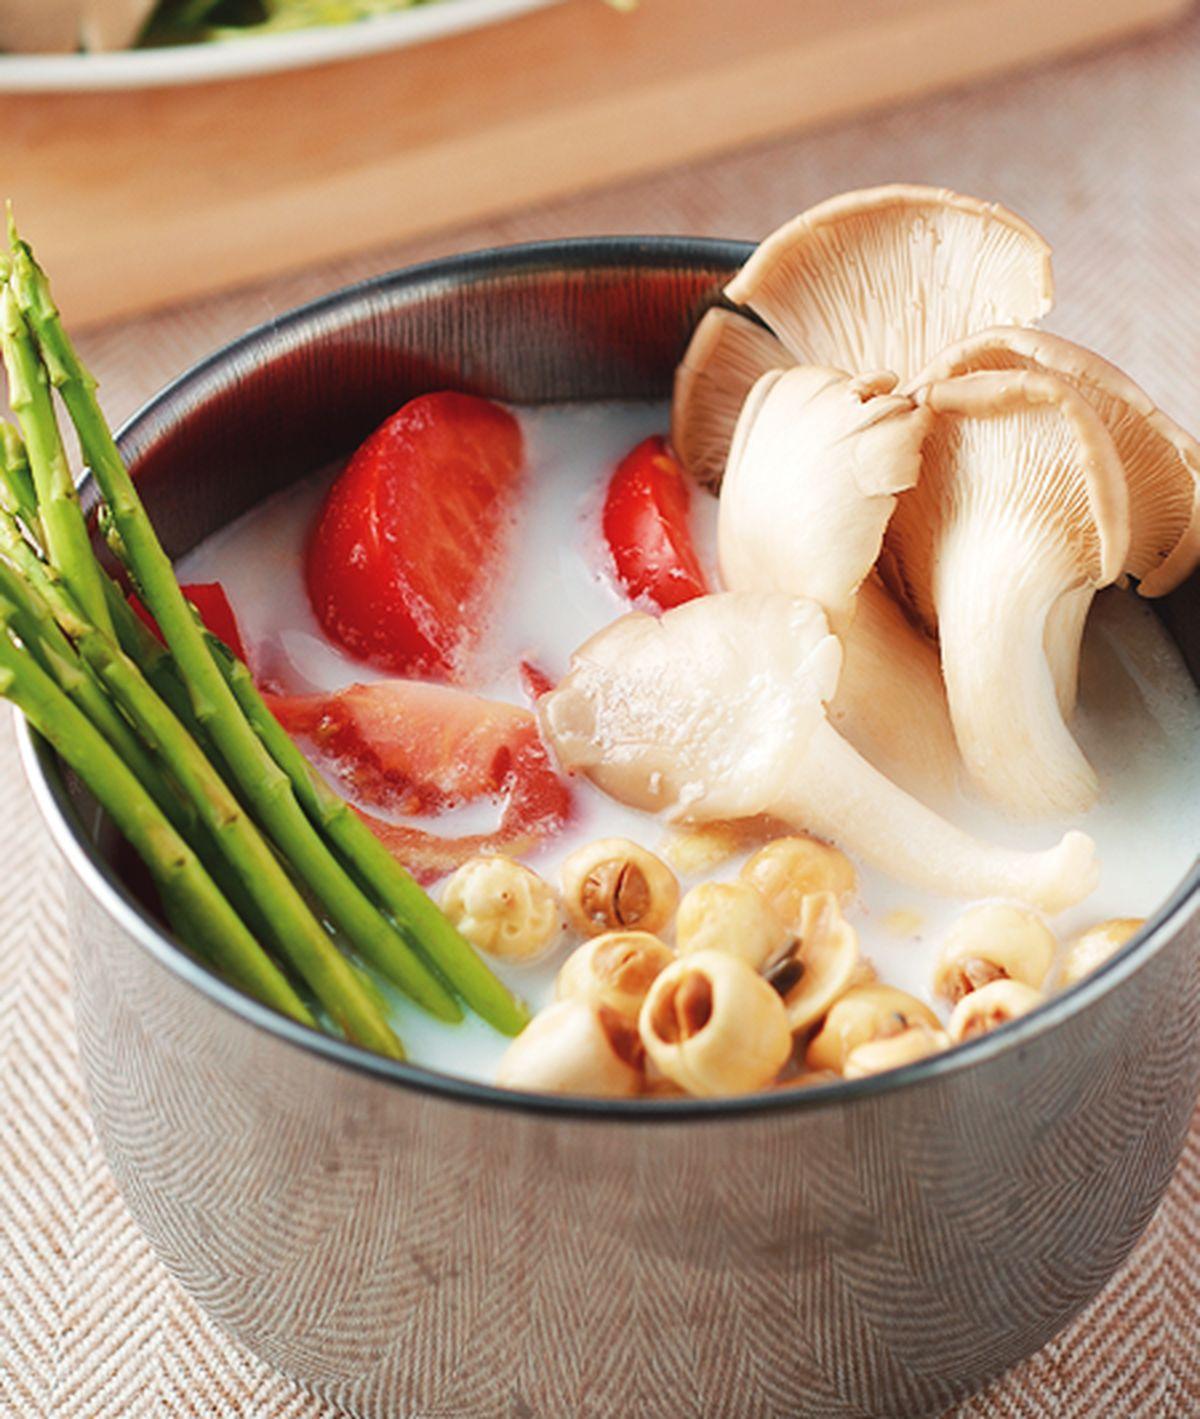 食譜:美白蕃茄鍋